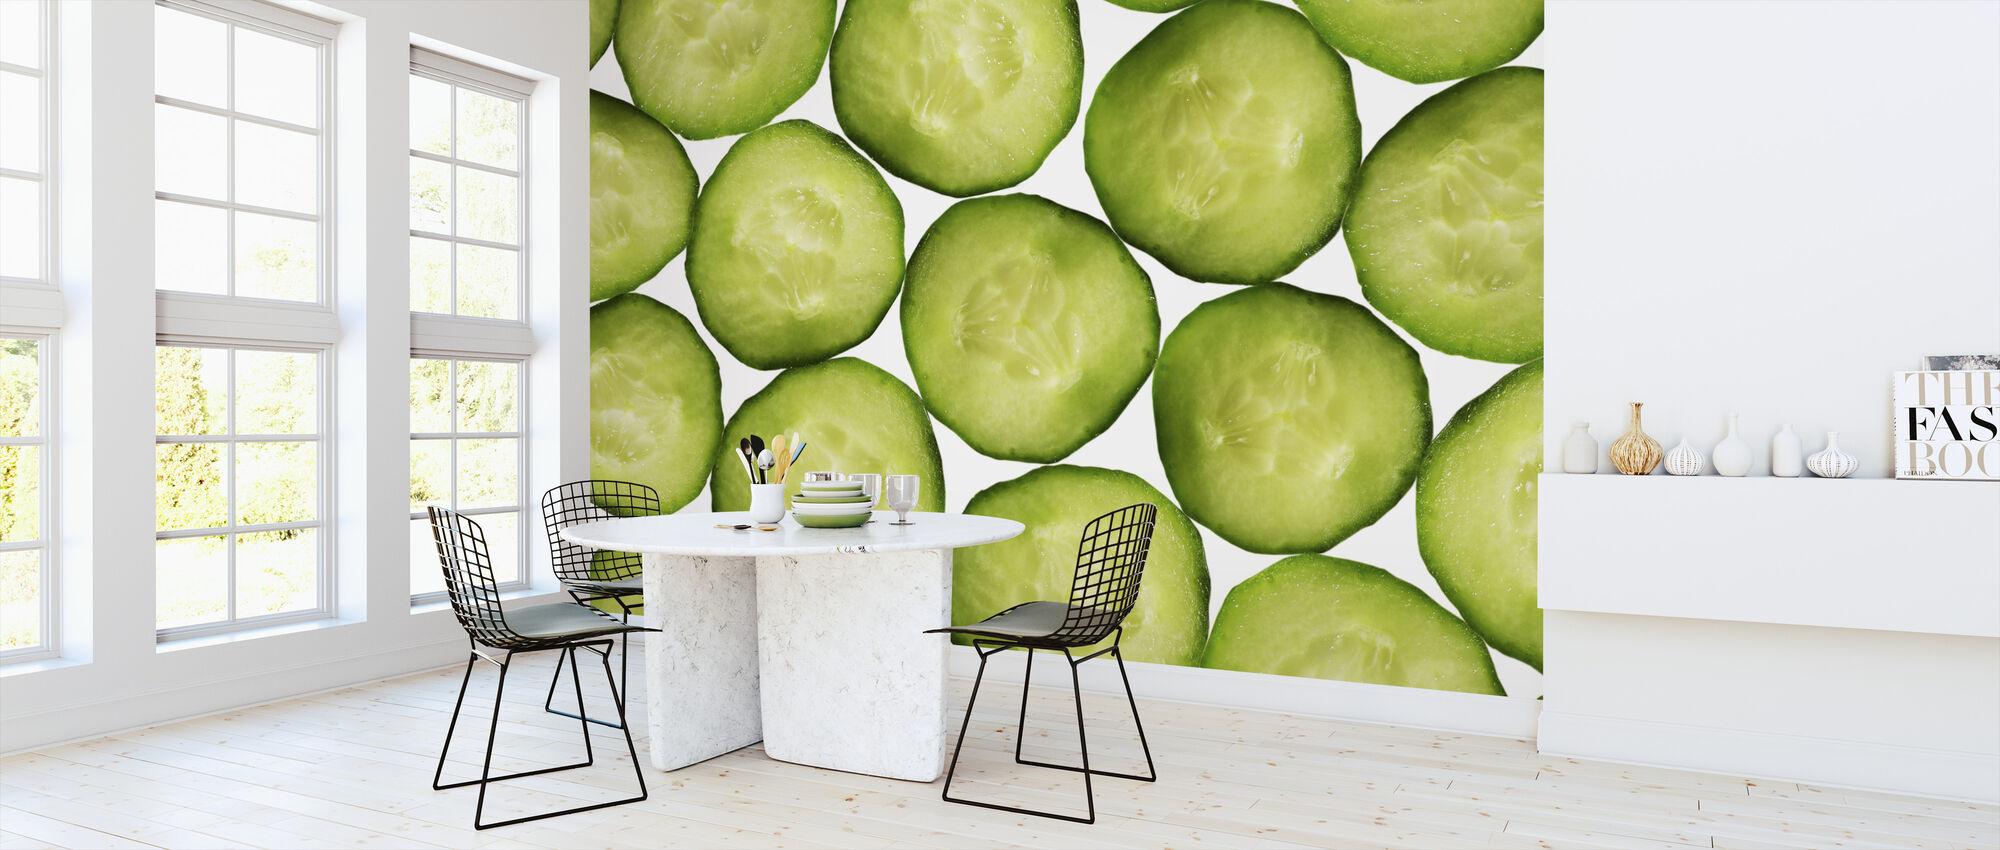 Plakjes komkommer - Behang - Keuken